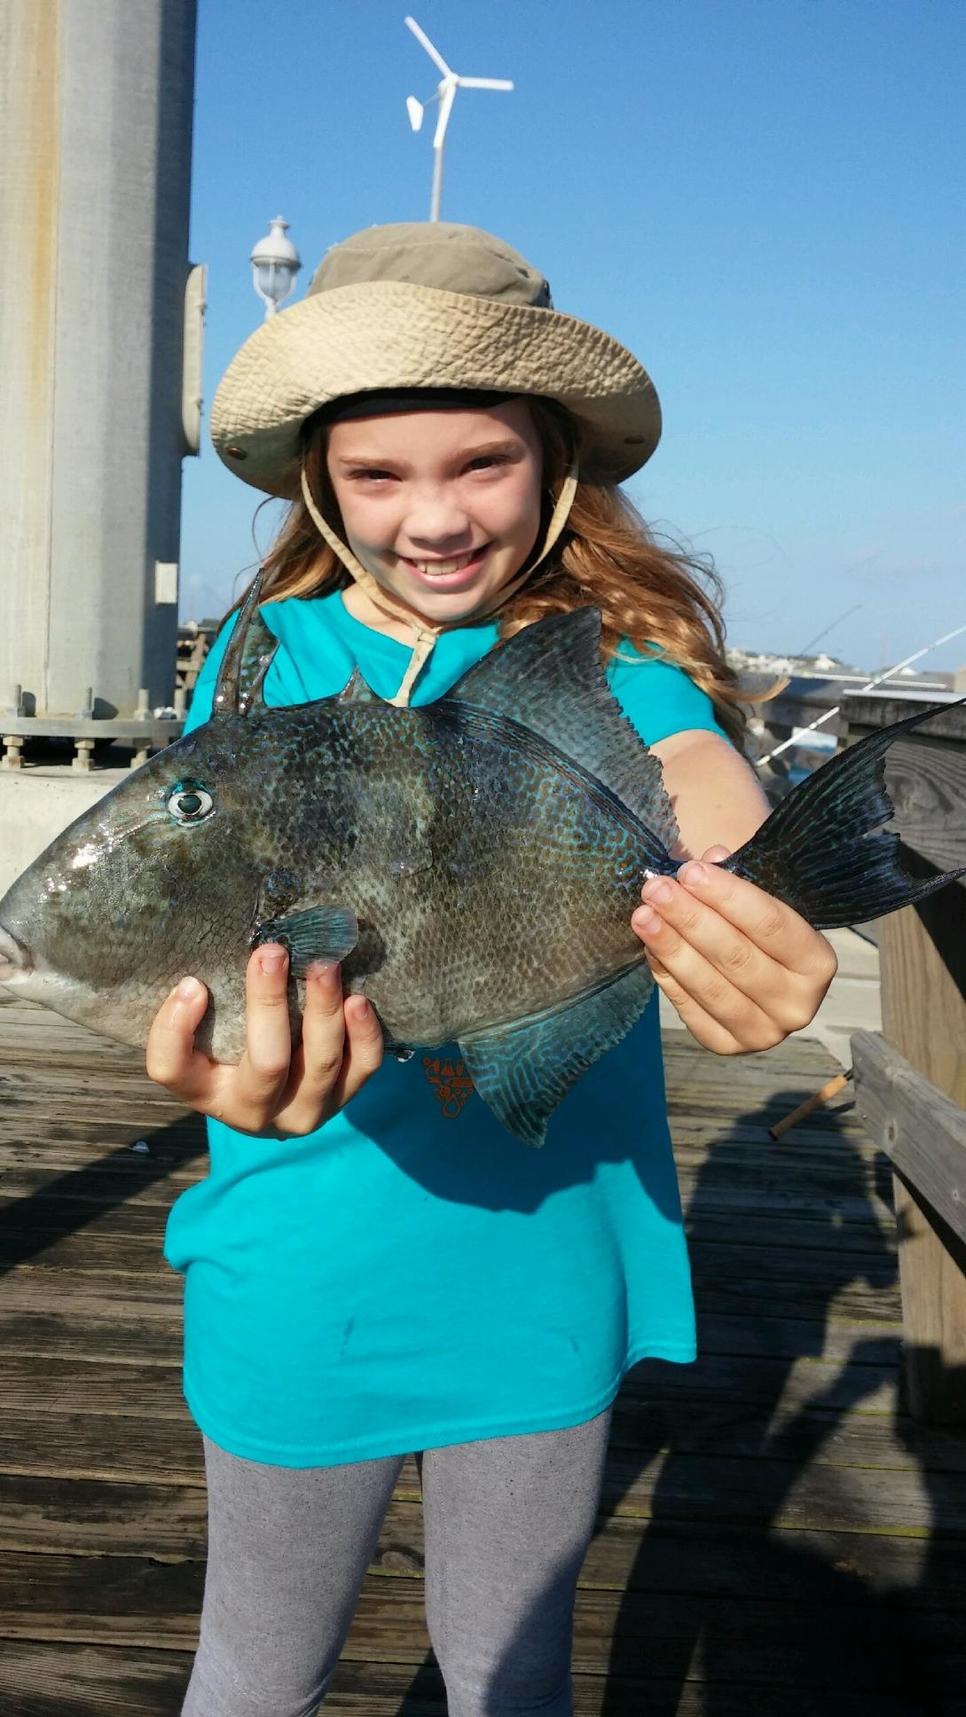 Jennette 39 s pier fishing report july 12 2017 fishtrack com for Jennette s fishing pier